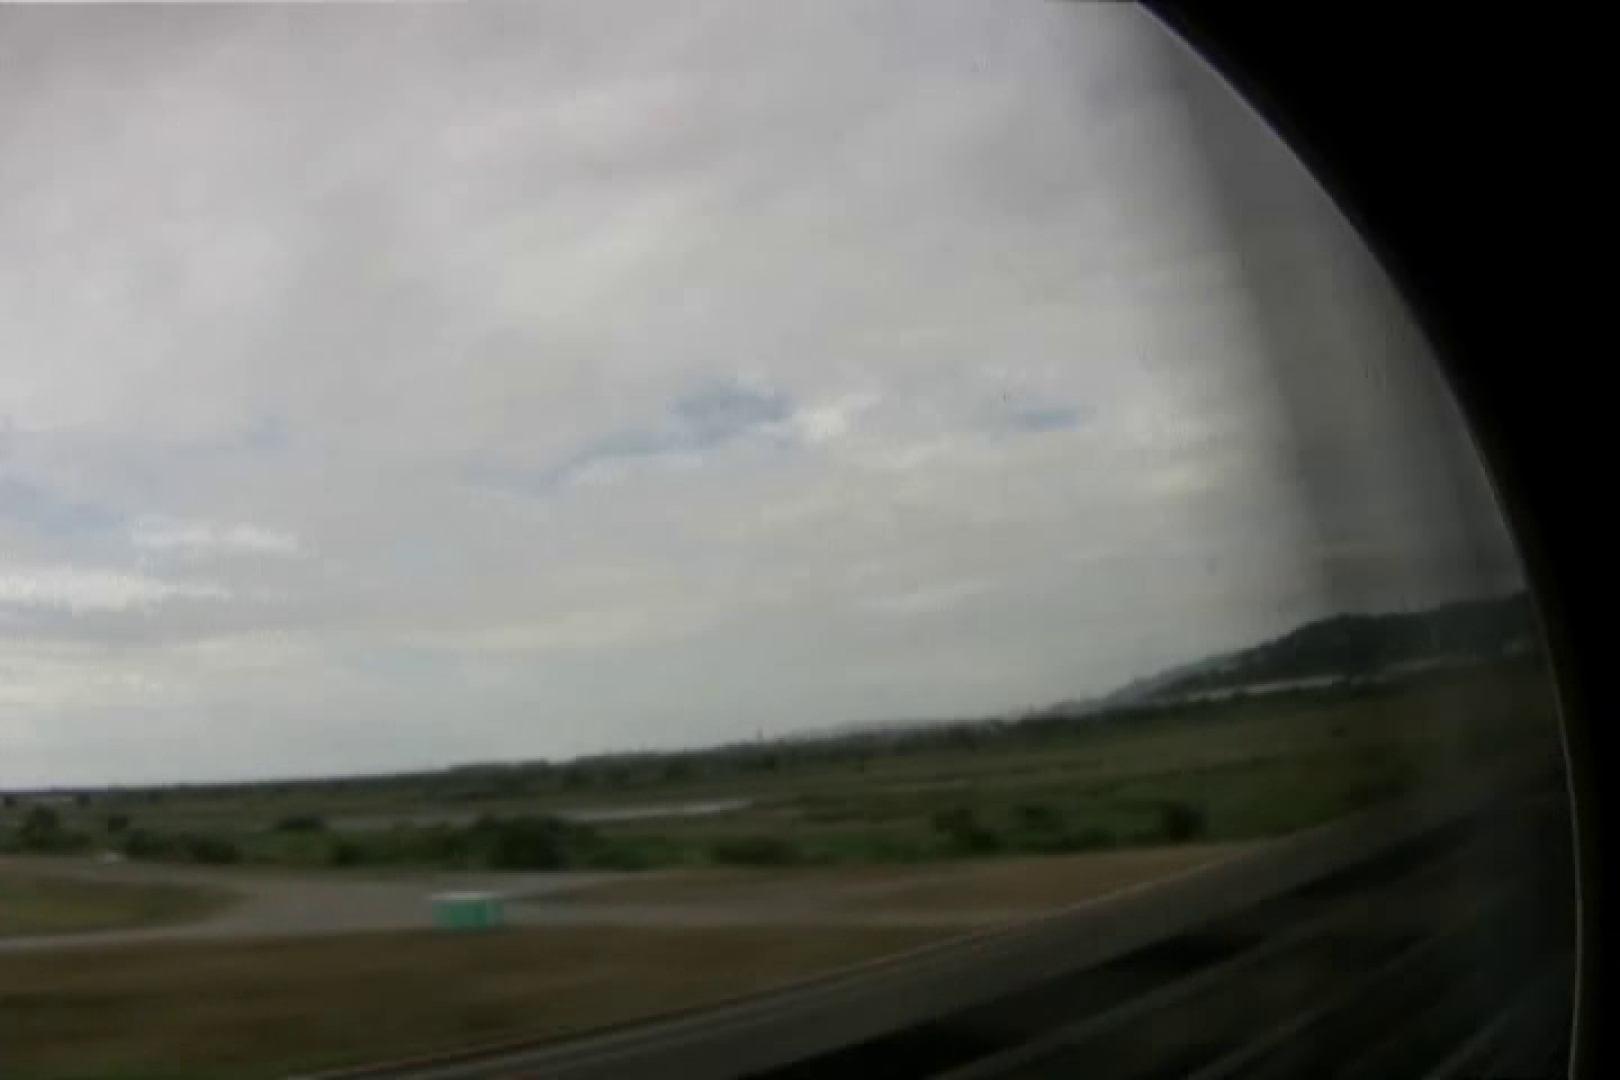 素人ナンパ本番撮り!出会い系でGET!Vol.01 一般投稿 盗撮画像 79pic 3